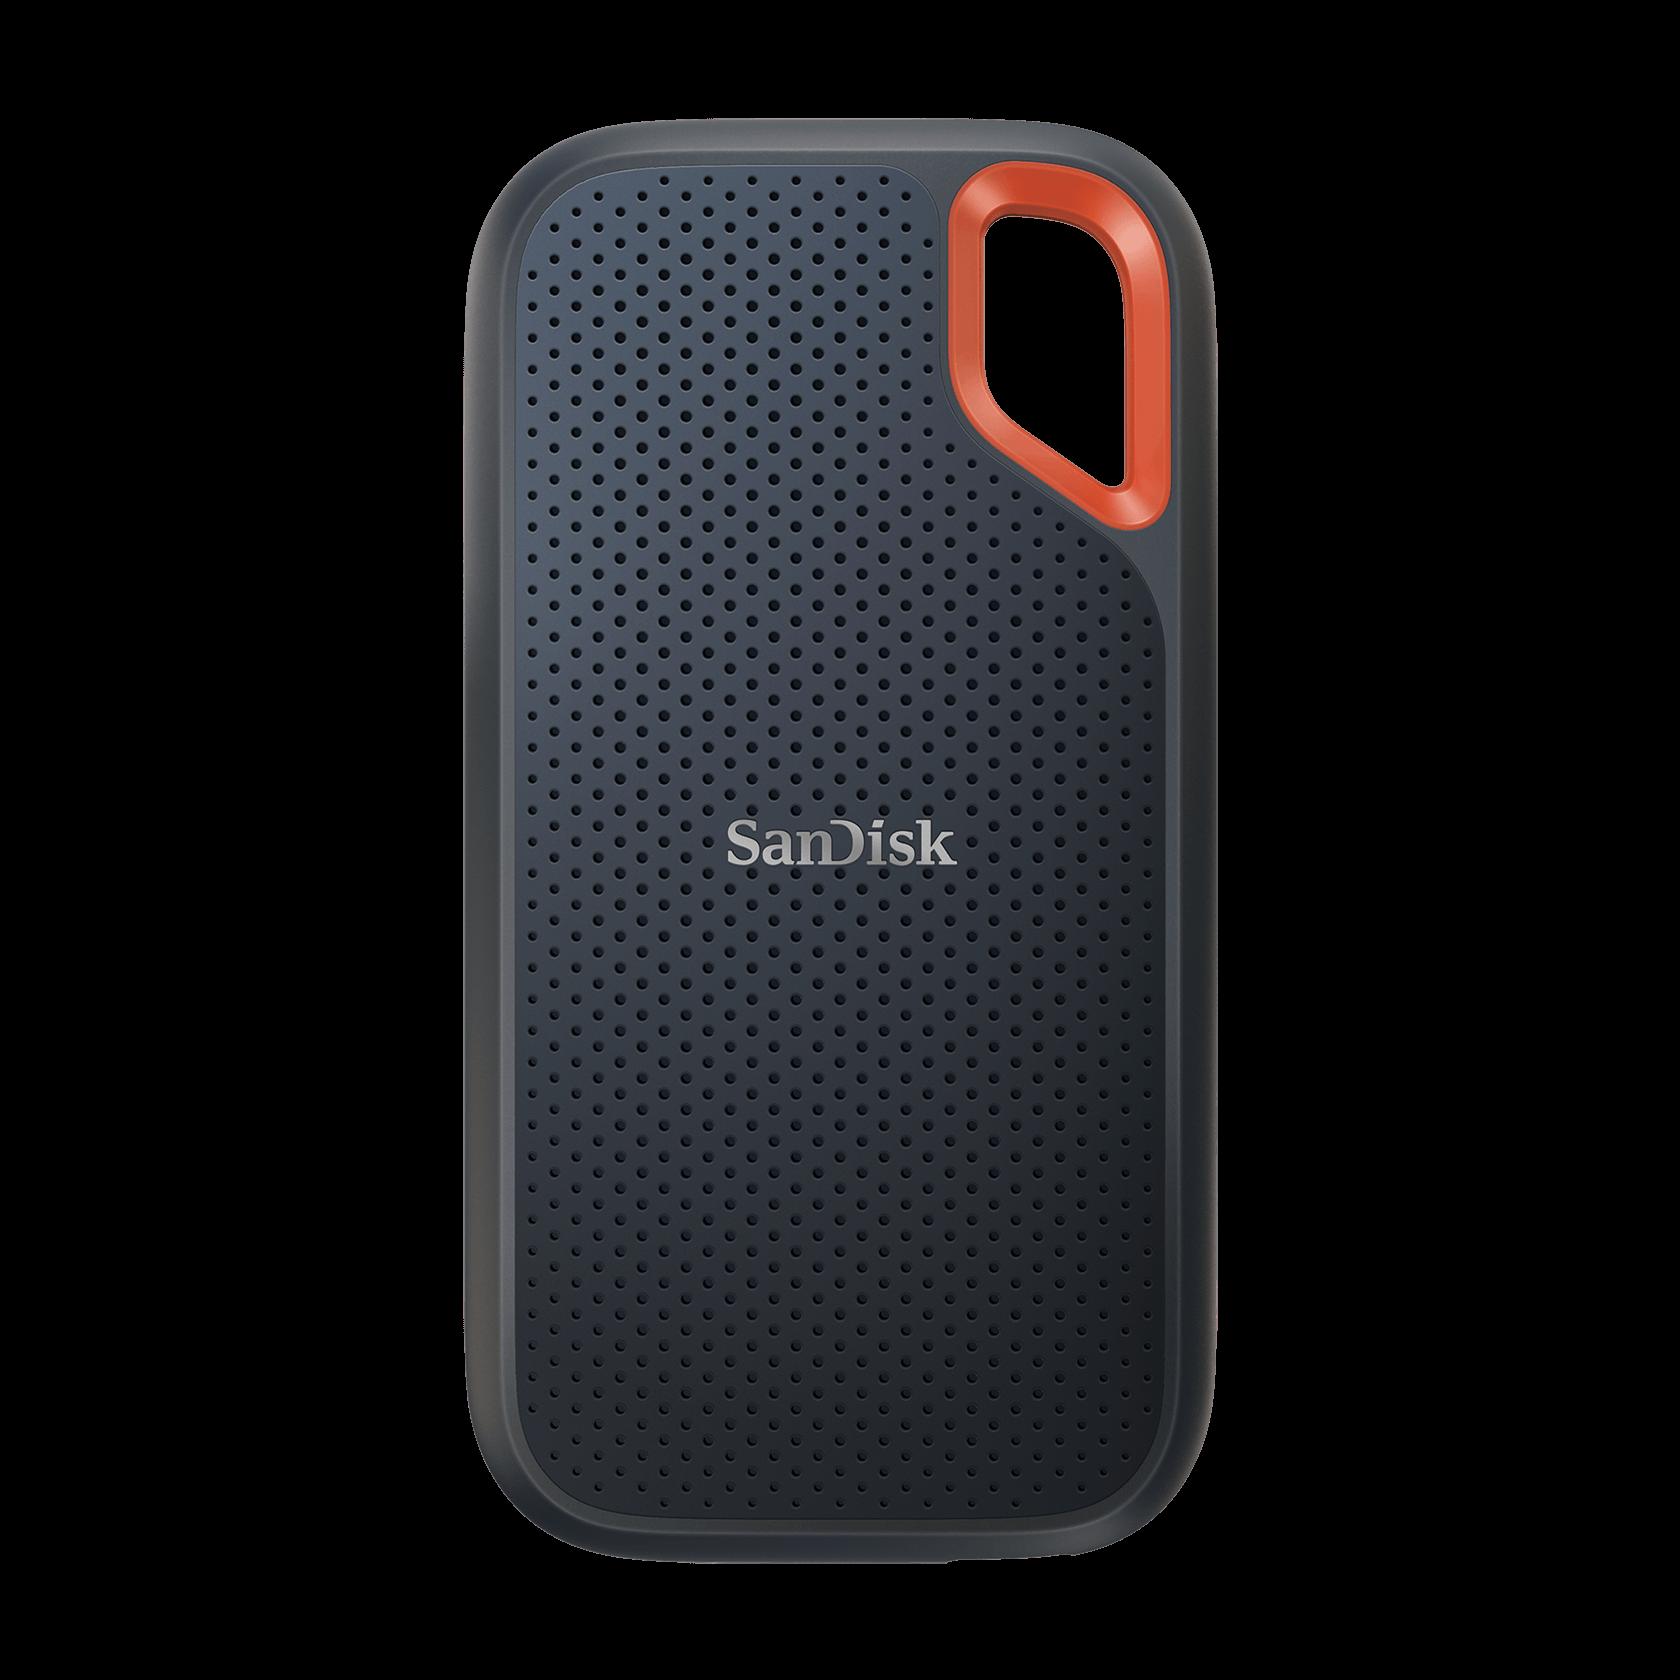 SanDisk Extreme® Portable SSD V2 | Western Digital Store